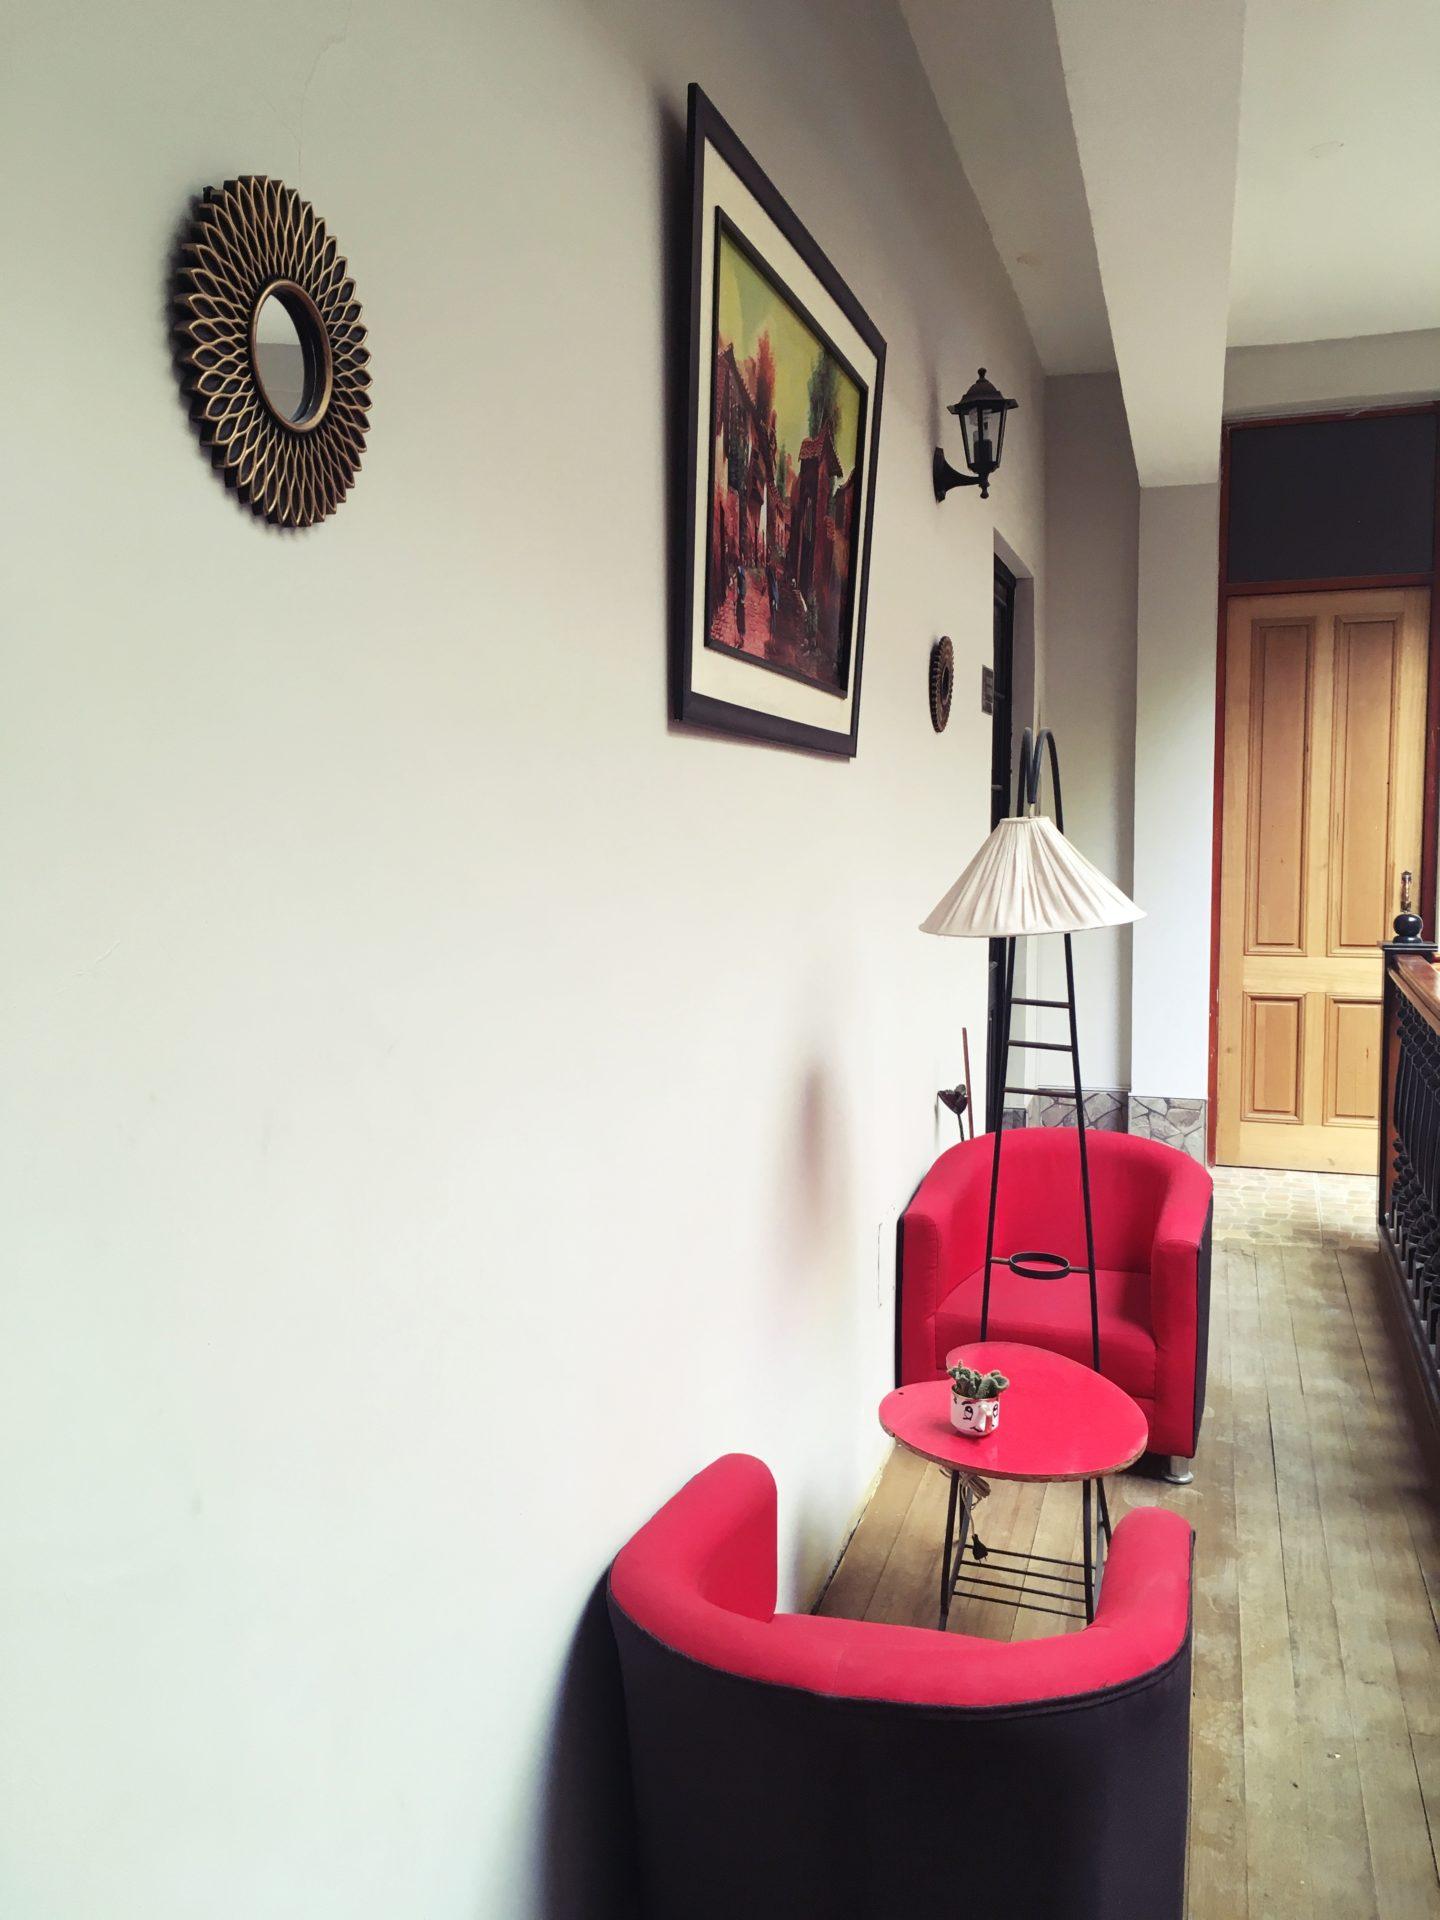 プーノ, チチカカ, 観光, Titicaca, Puno, hotel, ホテル, 宿舎